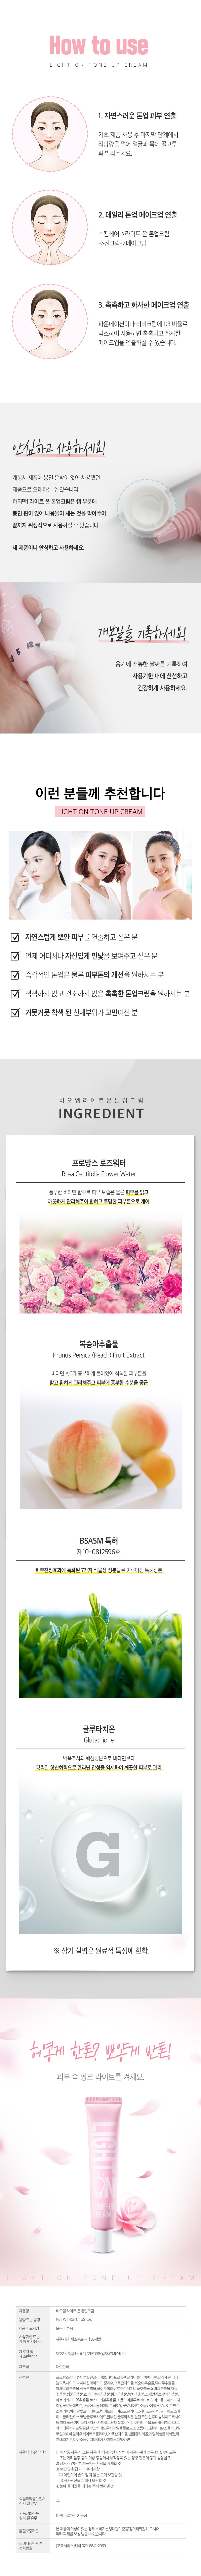 비오엠 라이트 온 톤업크림 40ml - 비오엠, 14,800원, 크림/오일, 크림